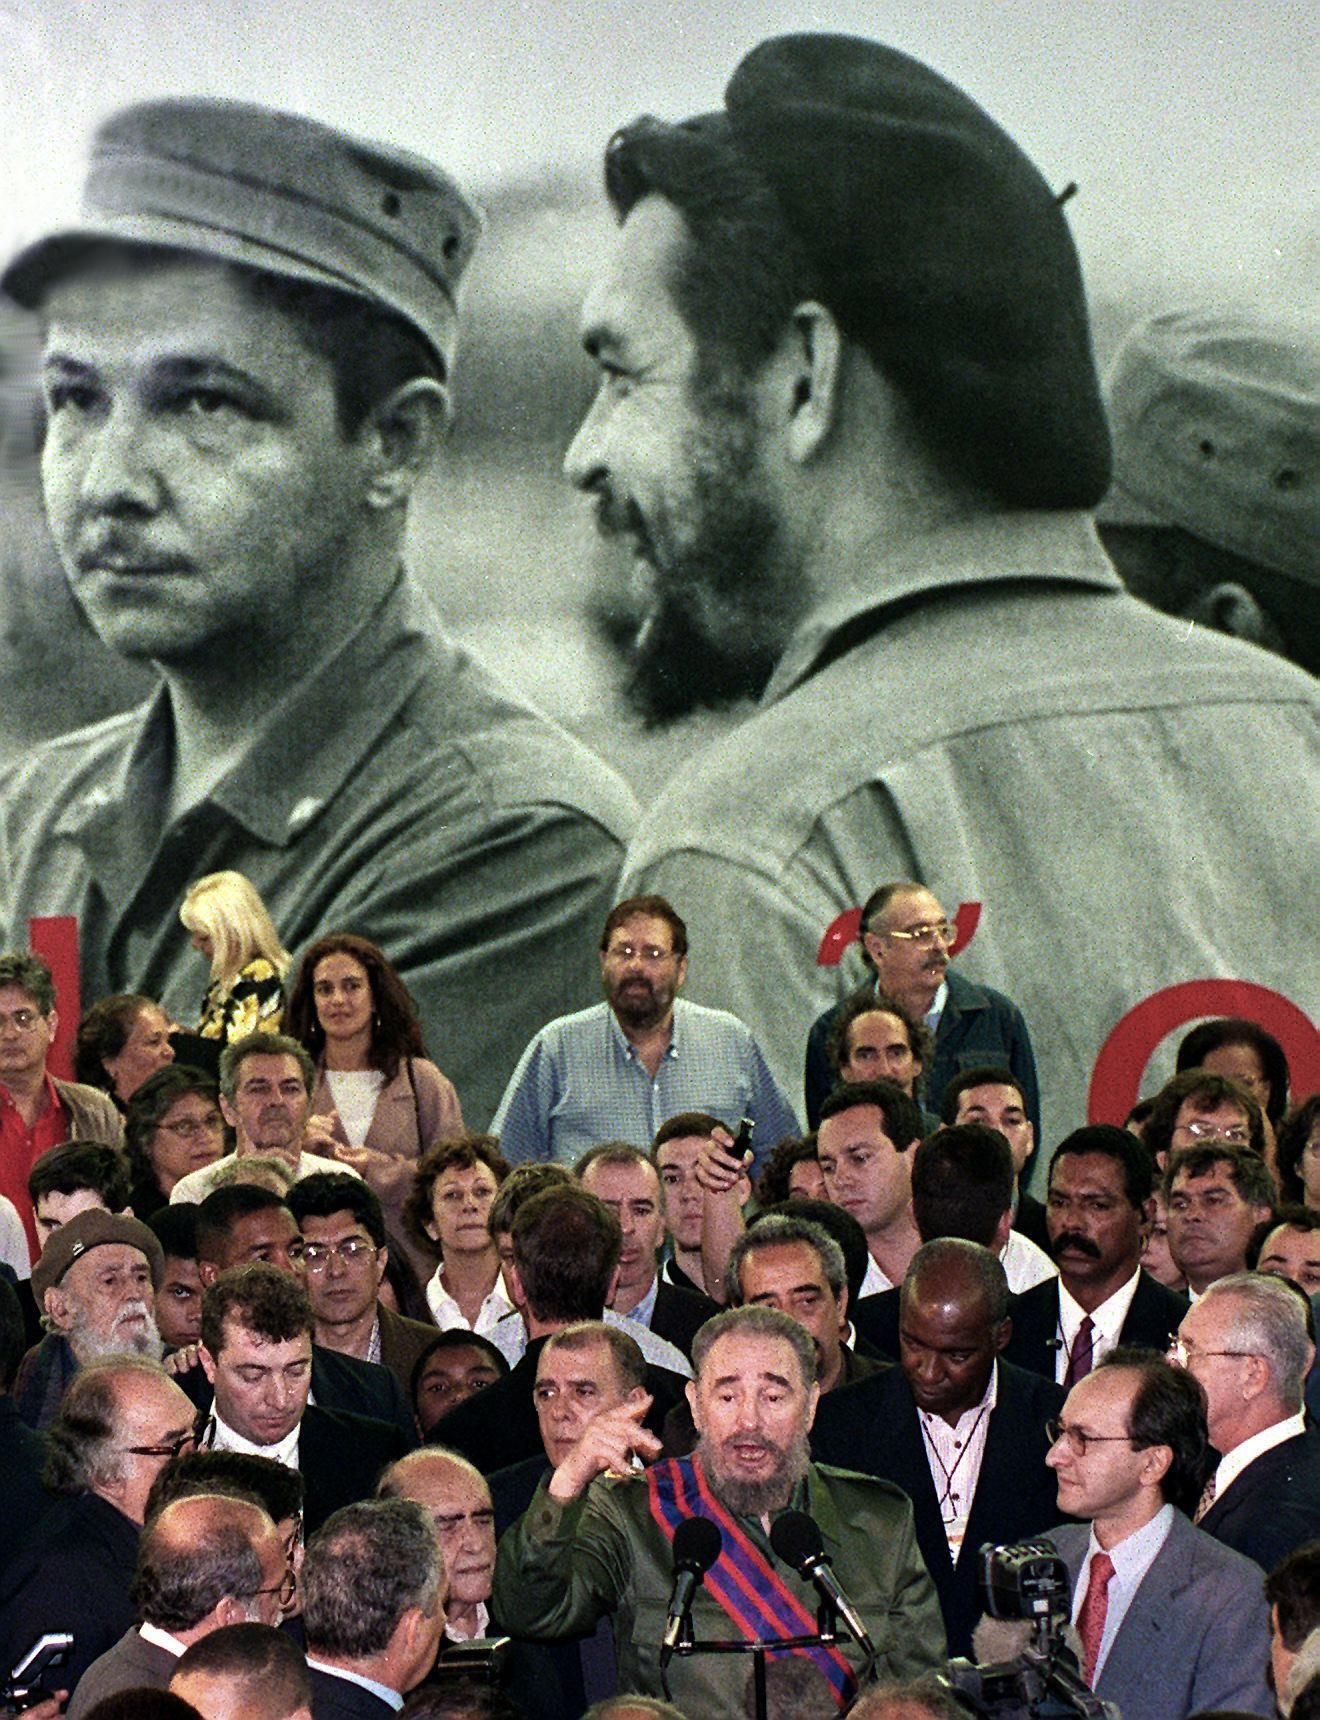 Photographie murale d'Ernesto Guevara en compagnie de Raul Castro, dans un musée au Brésil en 1999.